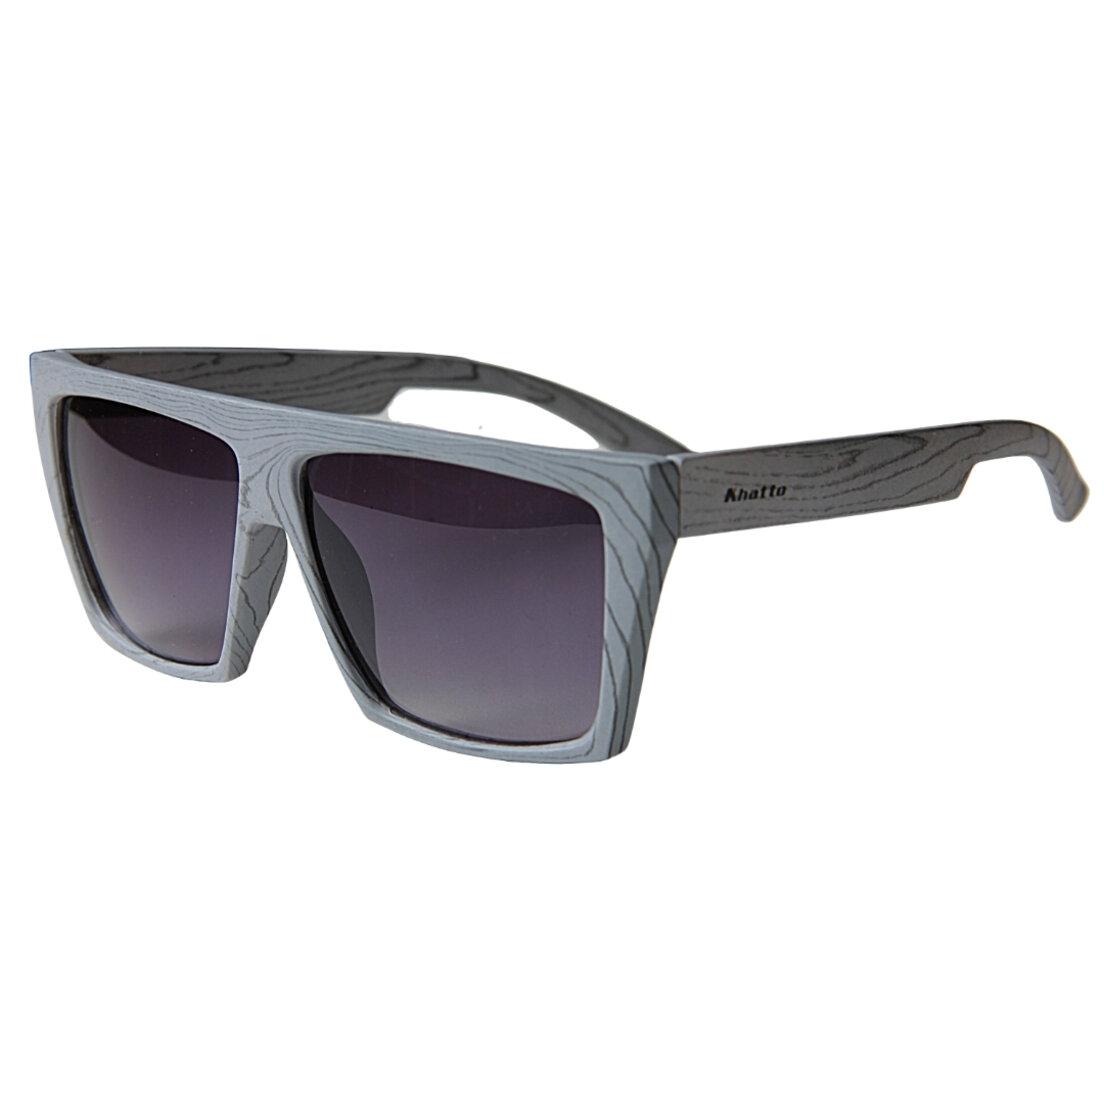 OUTLET - Óculos de Sol Khatto Square - Gelo